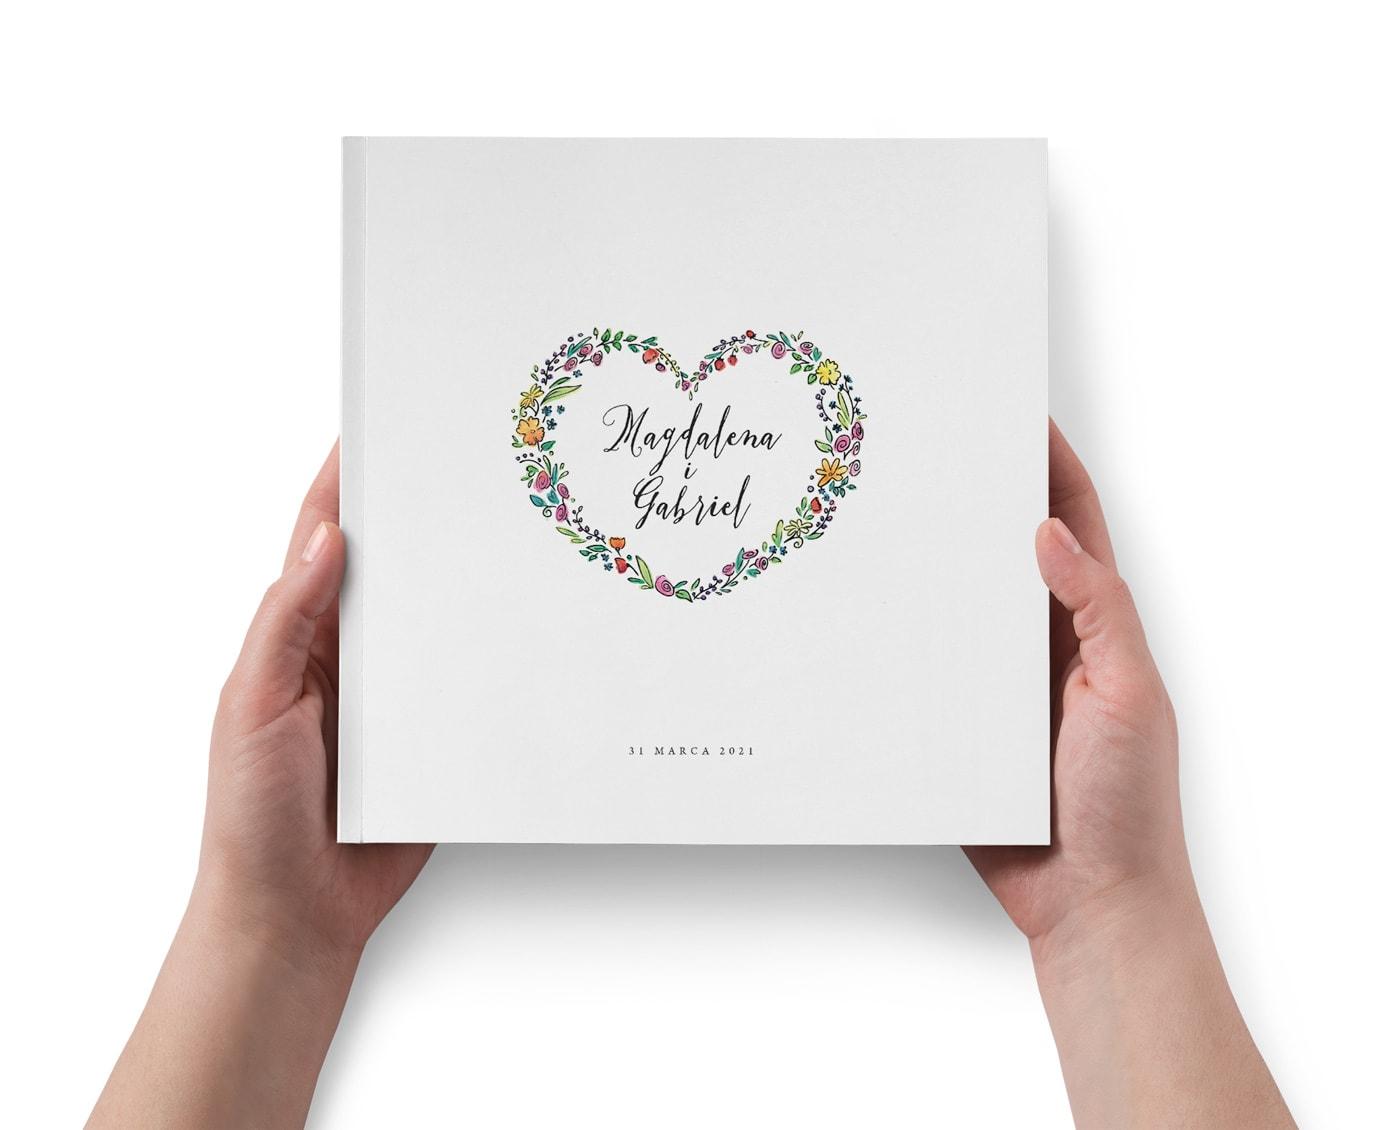 Księga gości z dużym sercem na środku okładki. Kolorowe polne kwiaty i ozdobna czcionka.